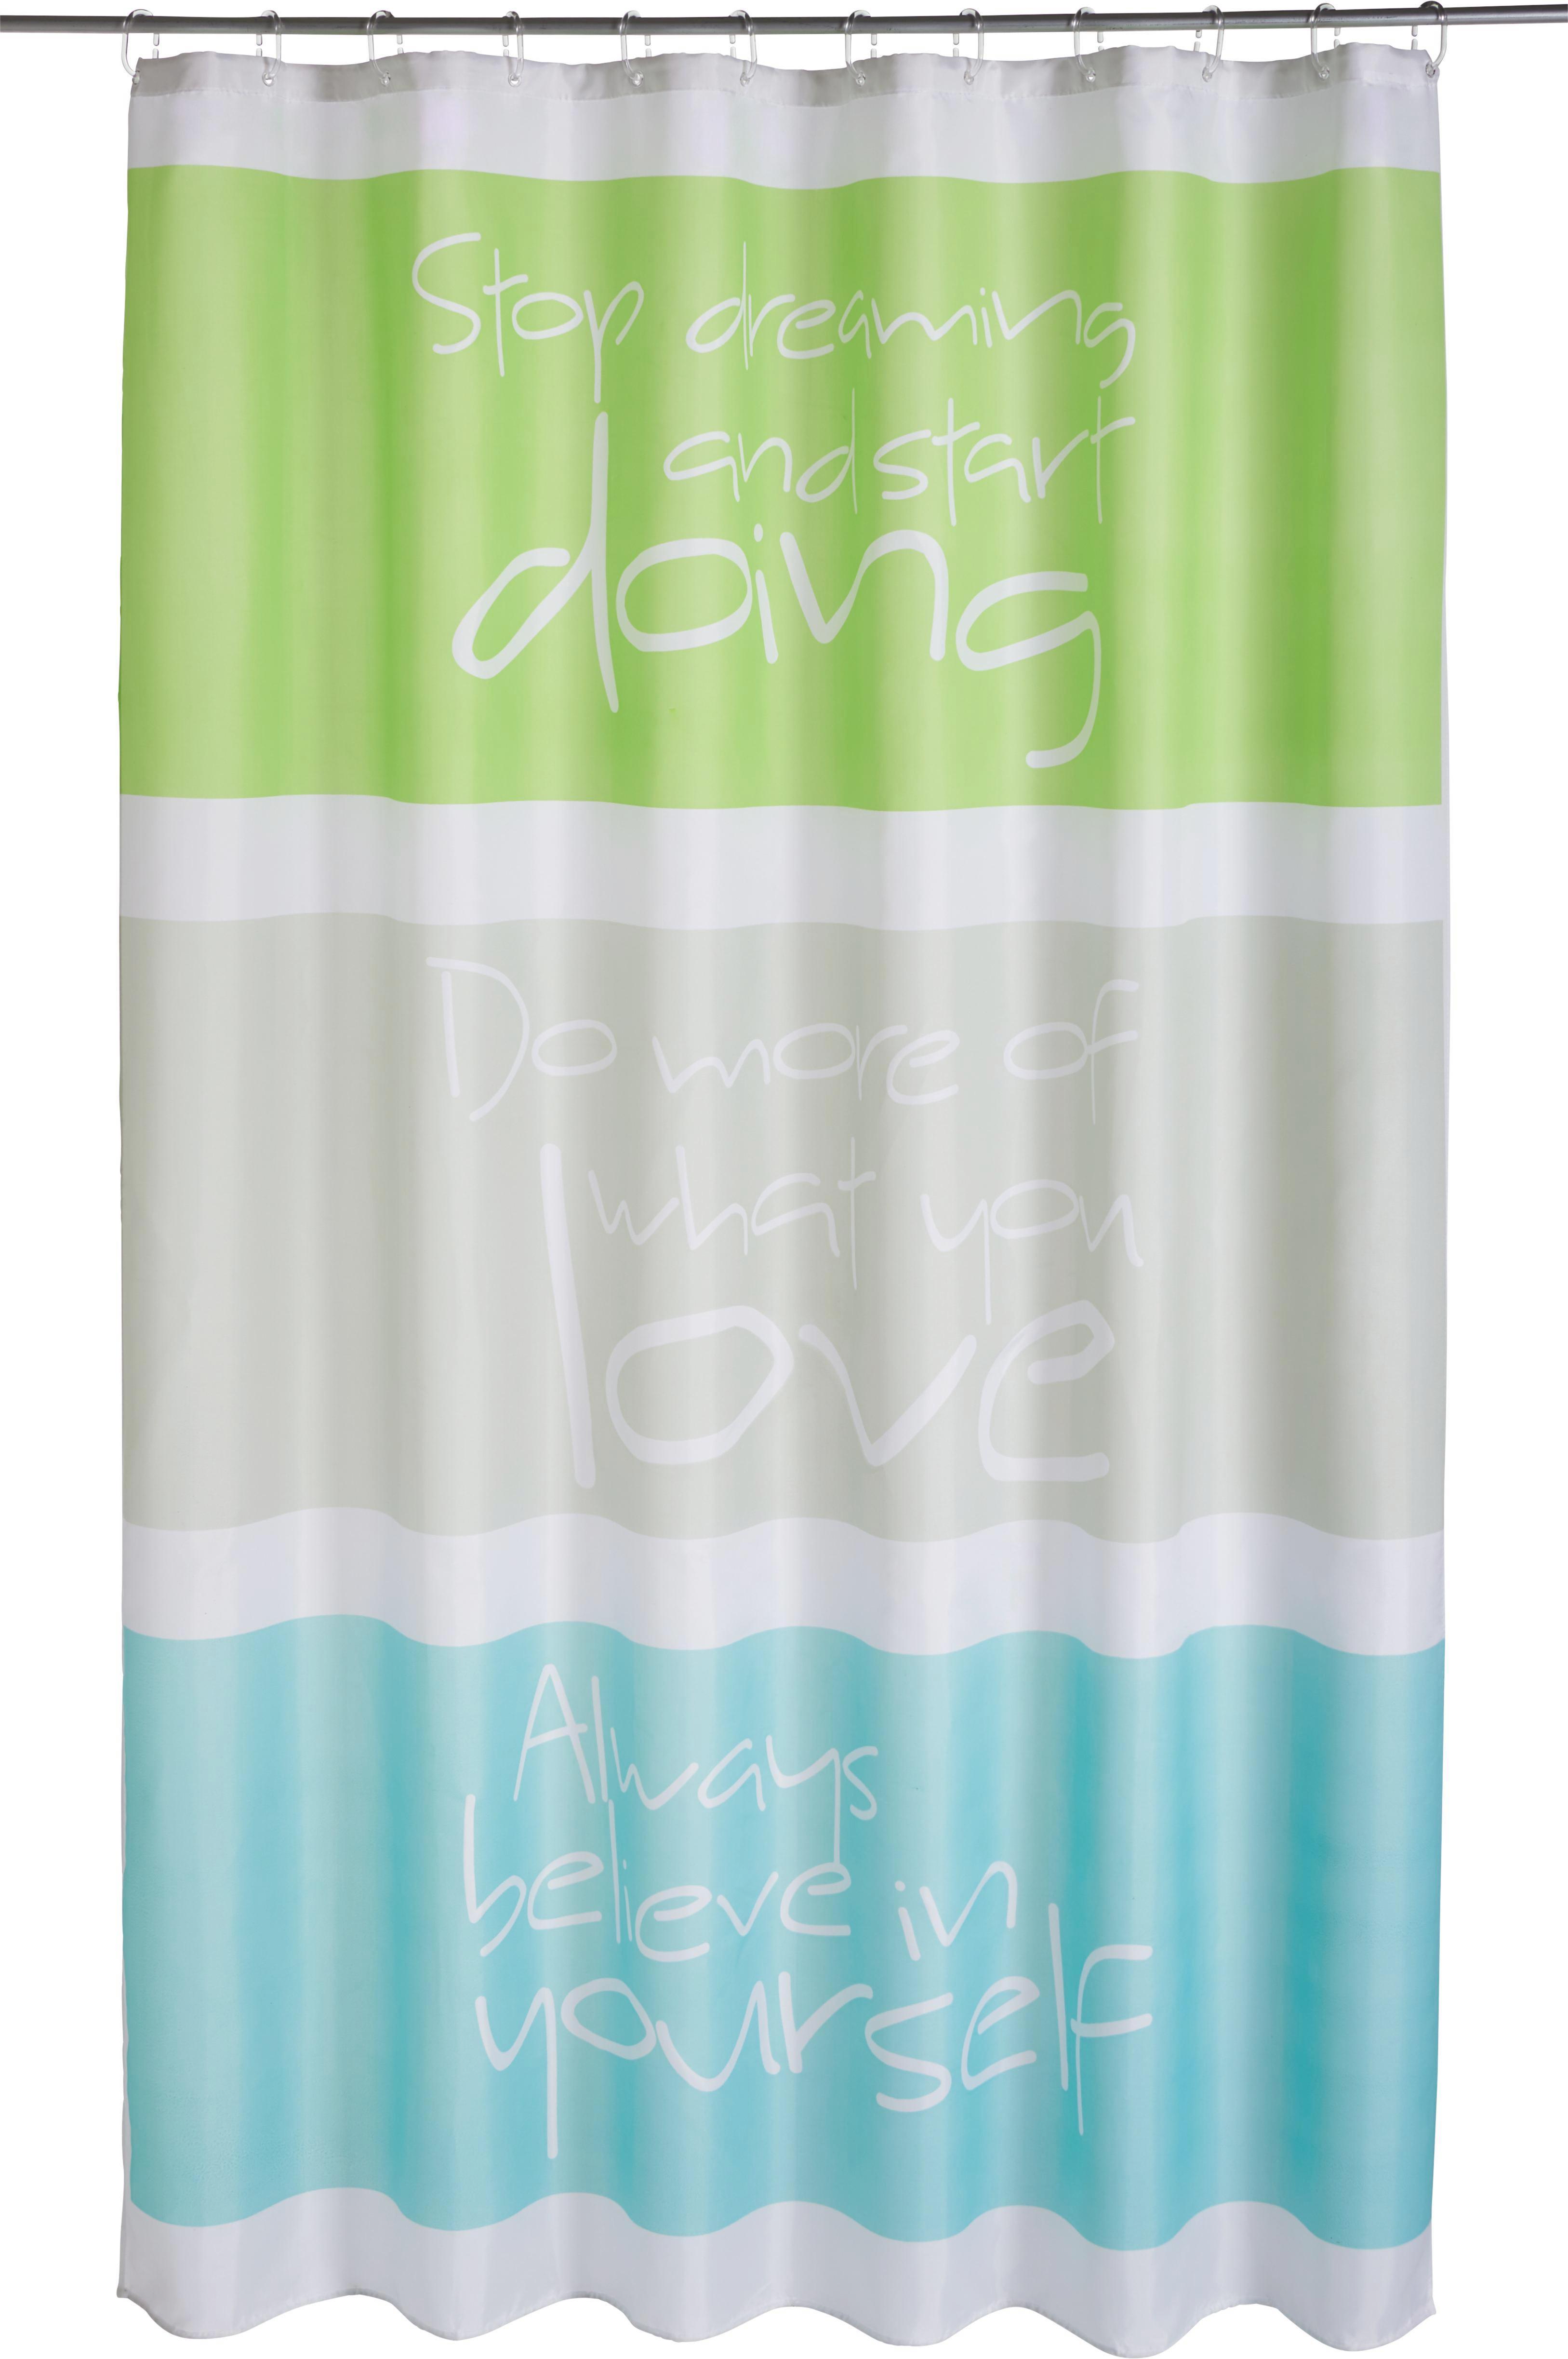 Zuhanyfüggöny Always - szürke/zöld, textil (180/200cm) - MÖMAX modern living